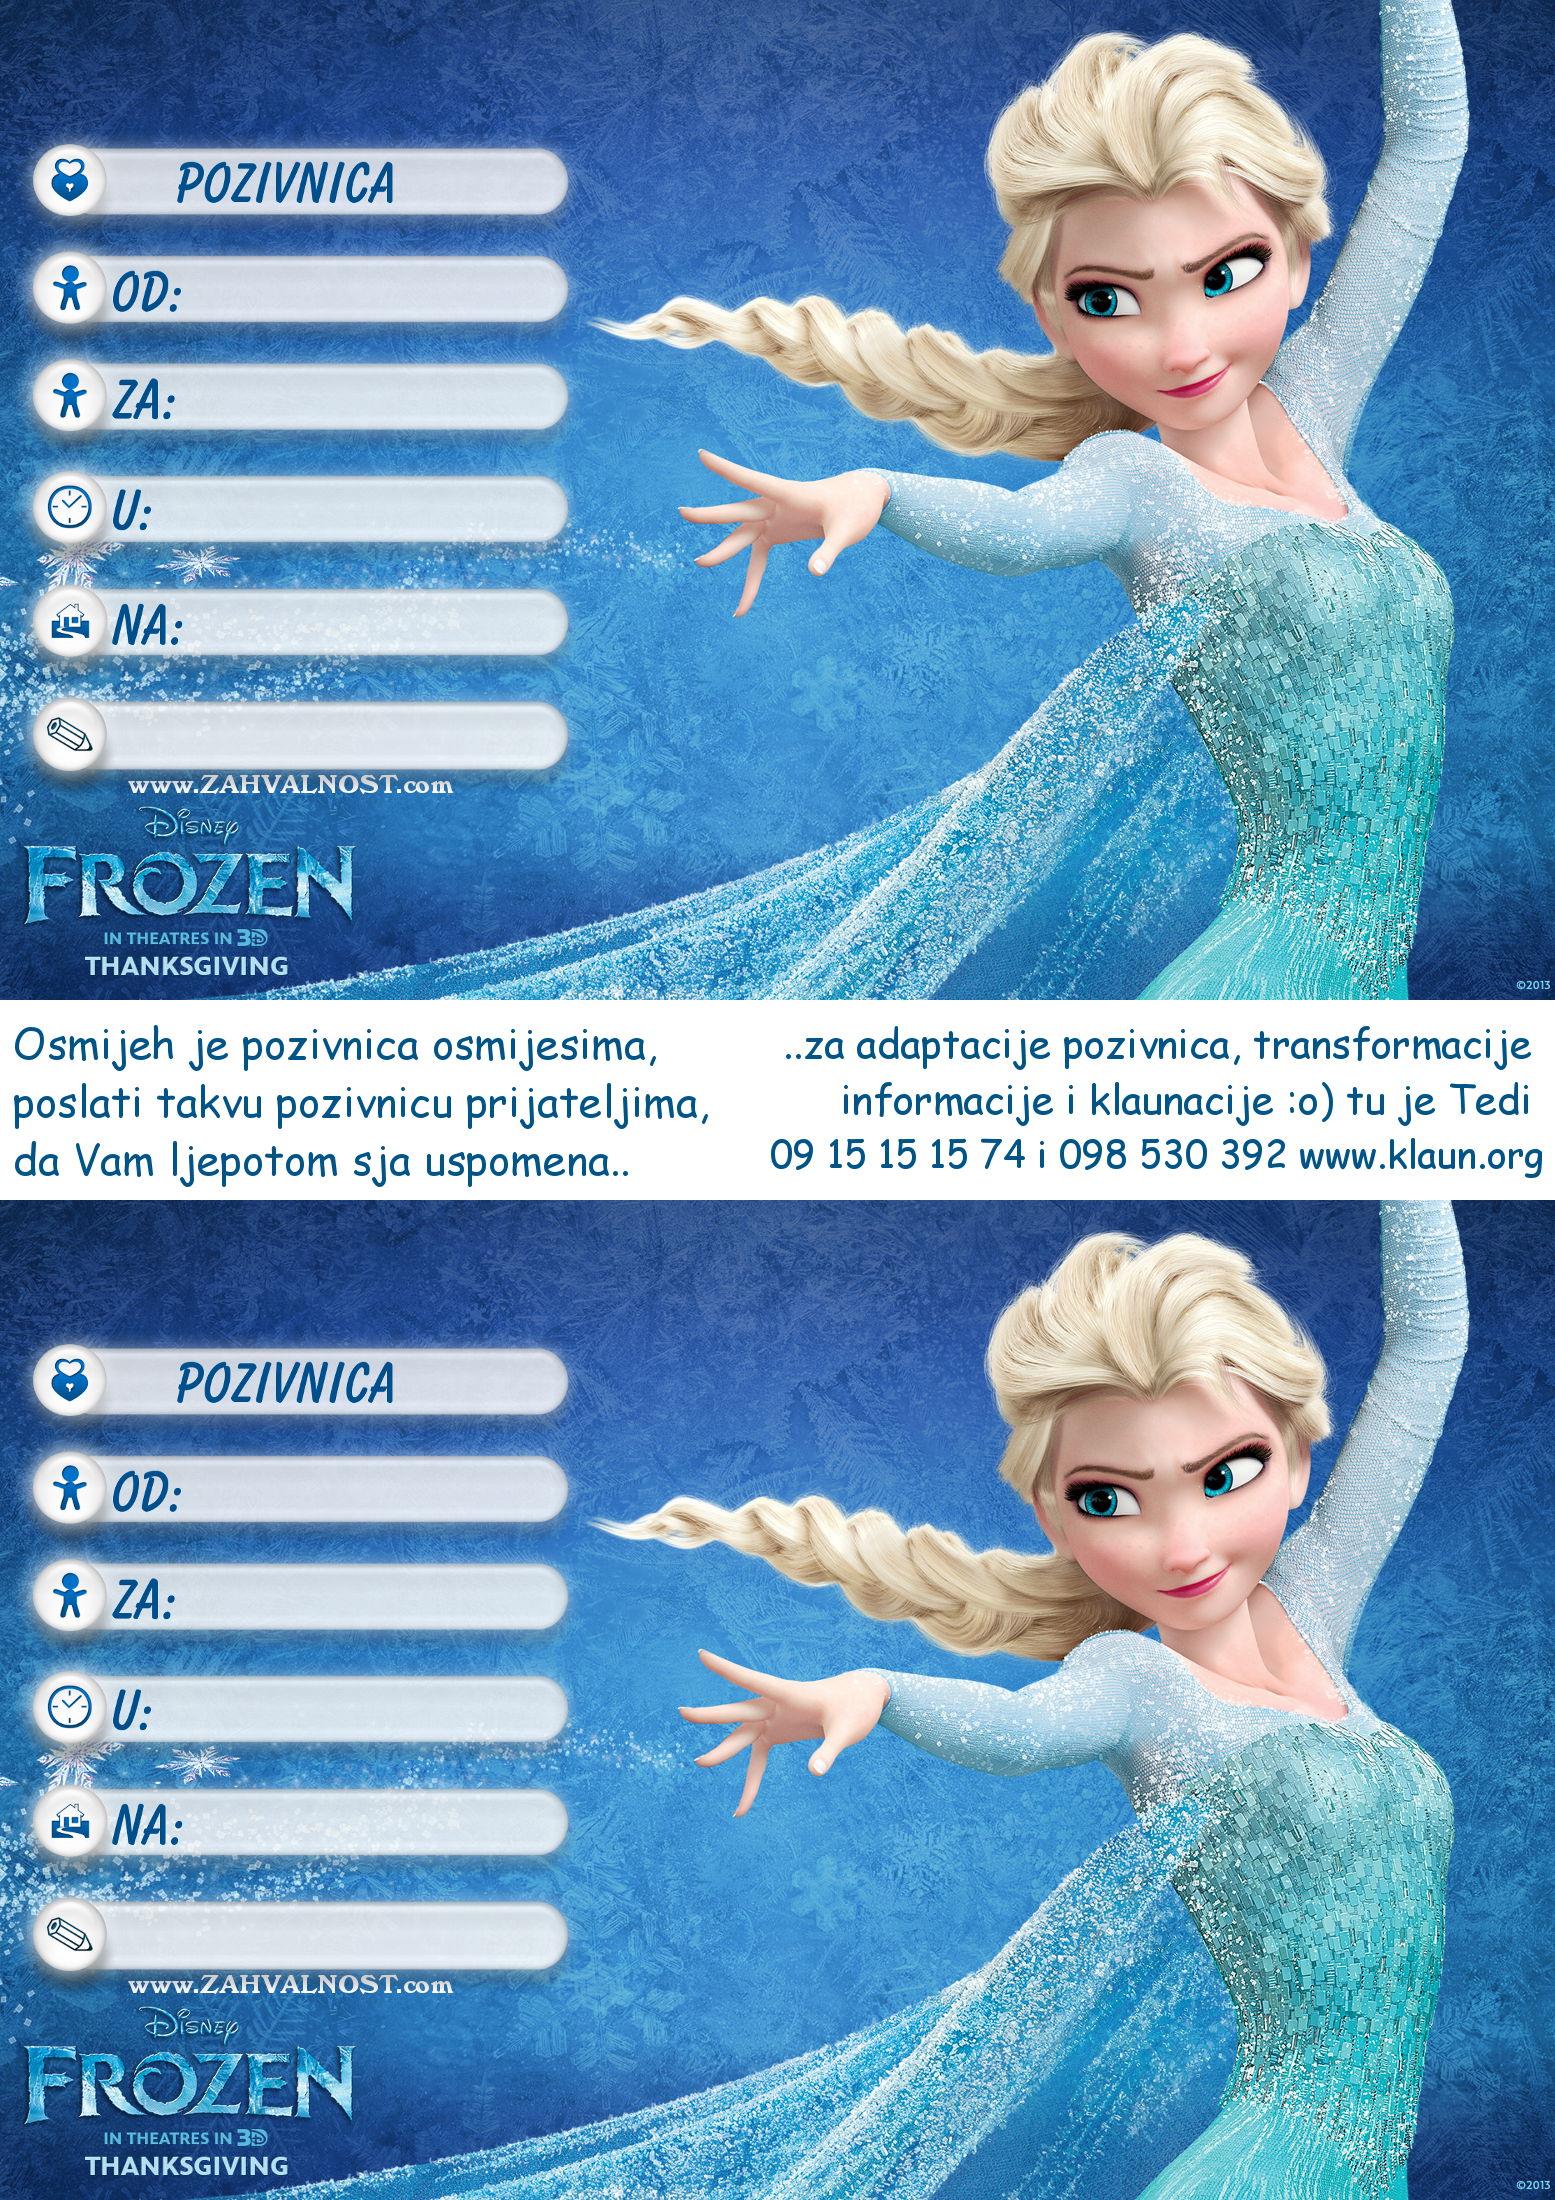 slike pozivnica za rođendan Pozivnice za rođendan Frozen Snježno Kraljevstvo   Iznenađenje za  slike pozivnica za rođendan